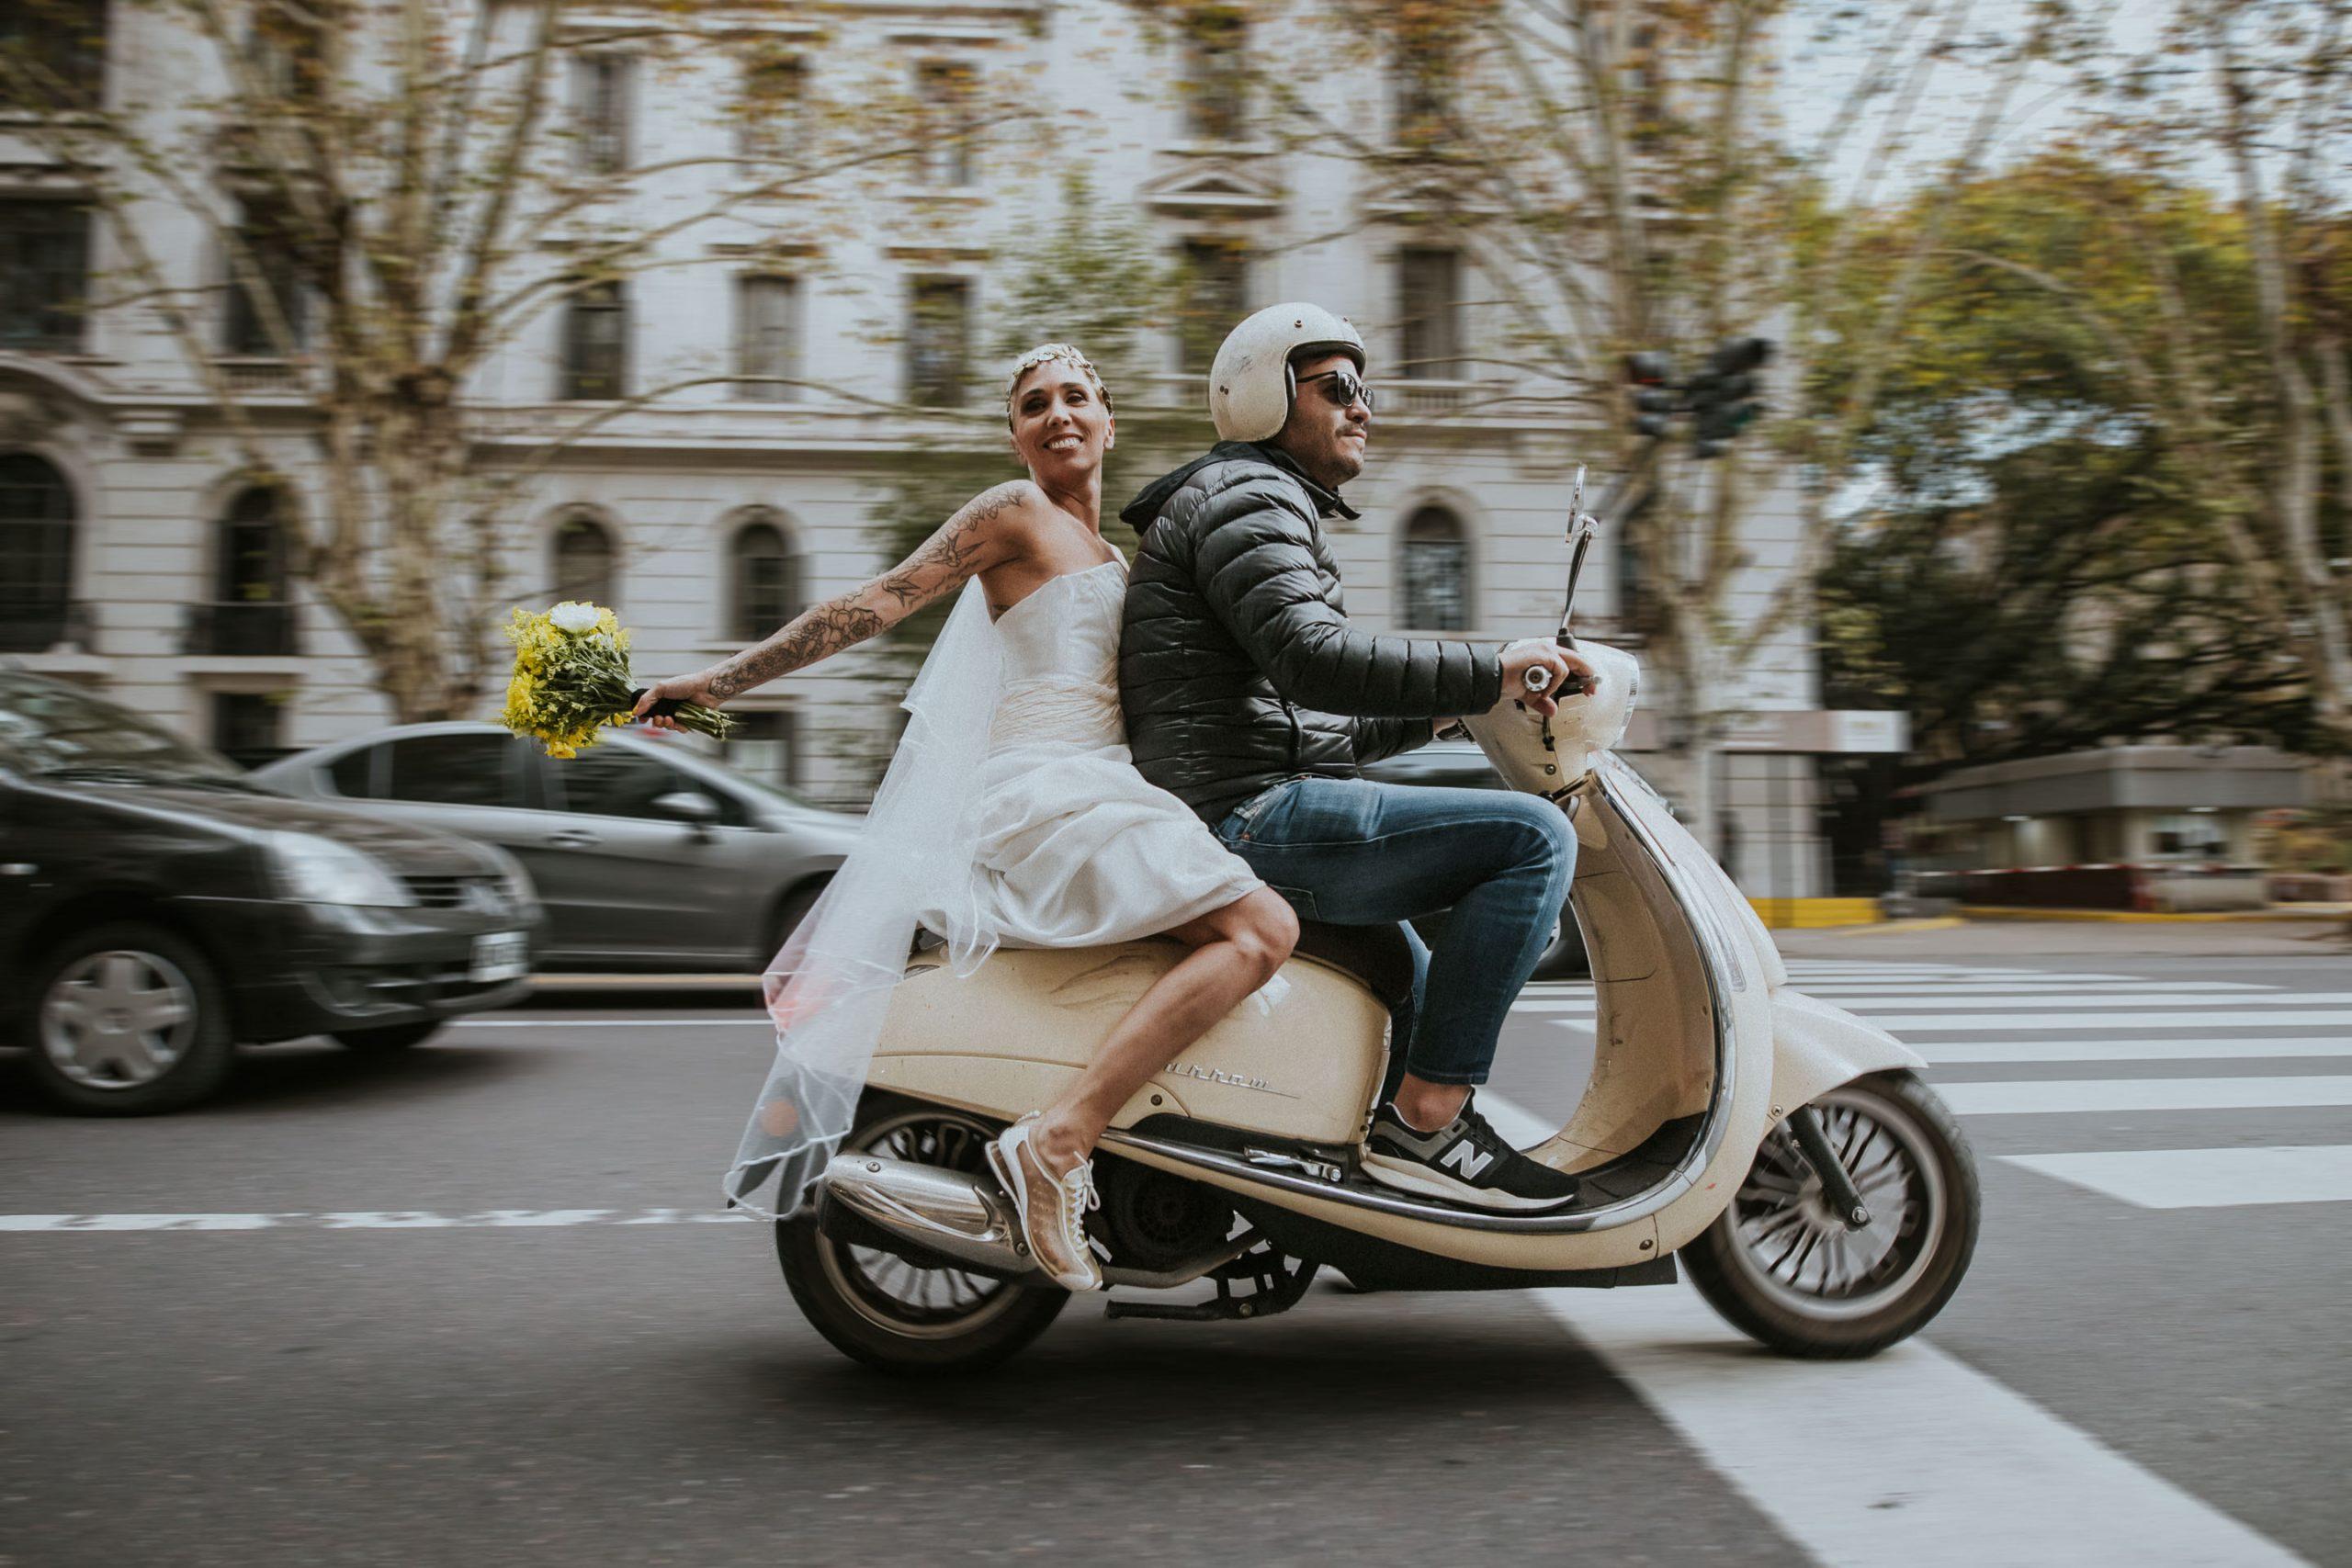 fotografia creativa, fotografo de bodas en Buenos Aires, Norman Parunov